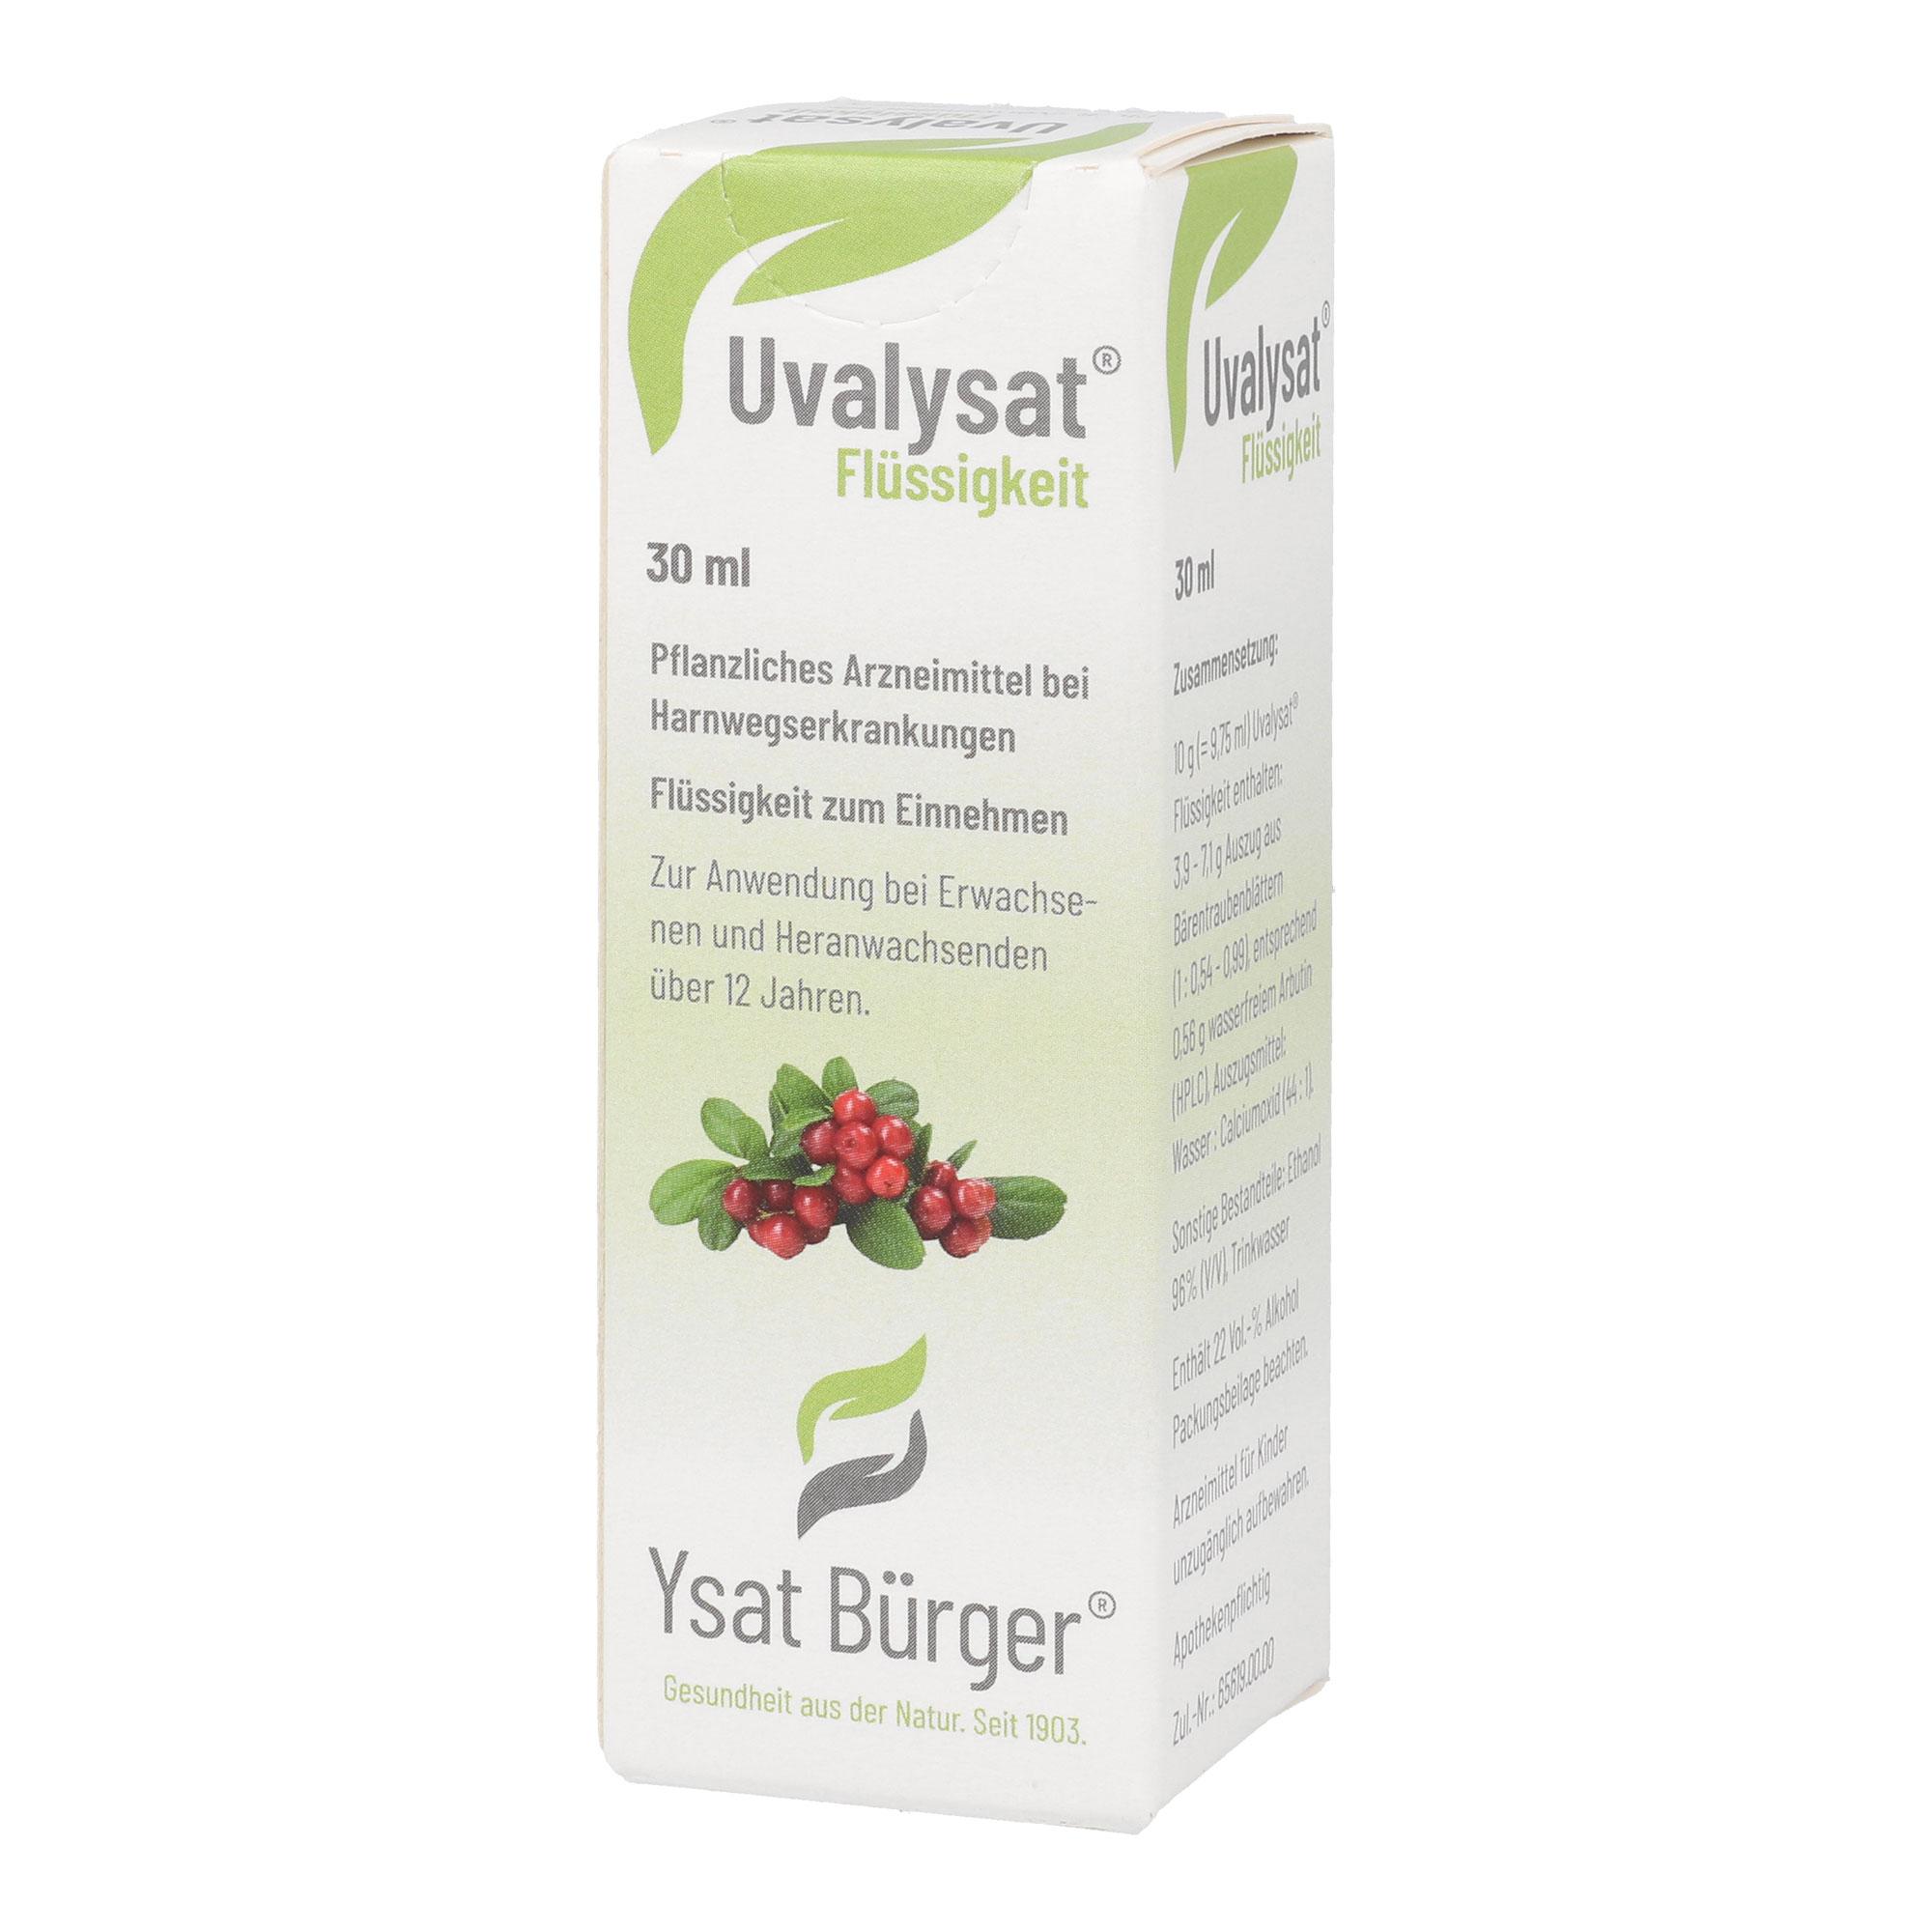 Uvalysat Flüssigkeit zum Einnehmen